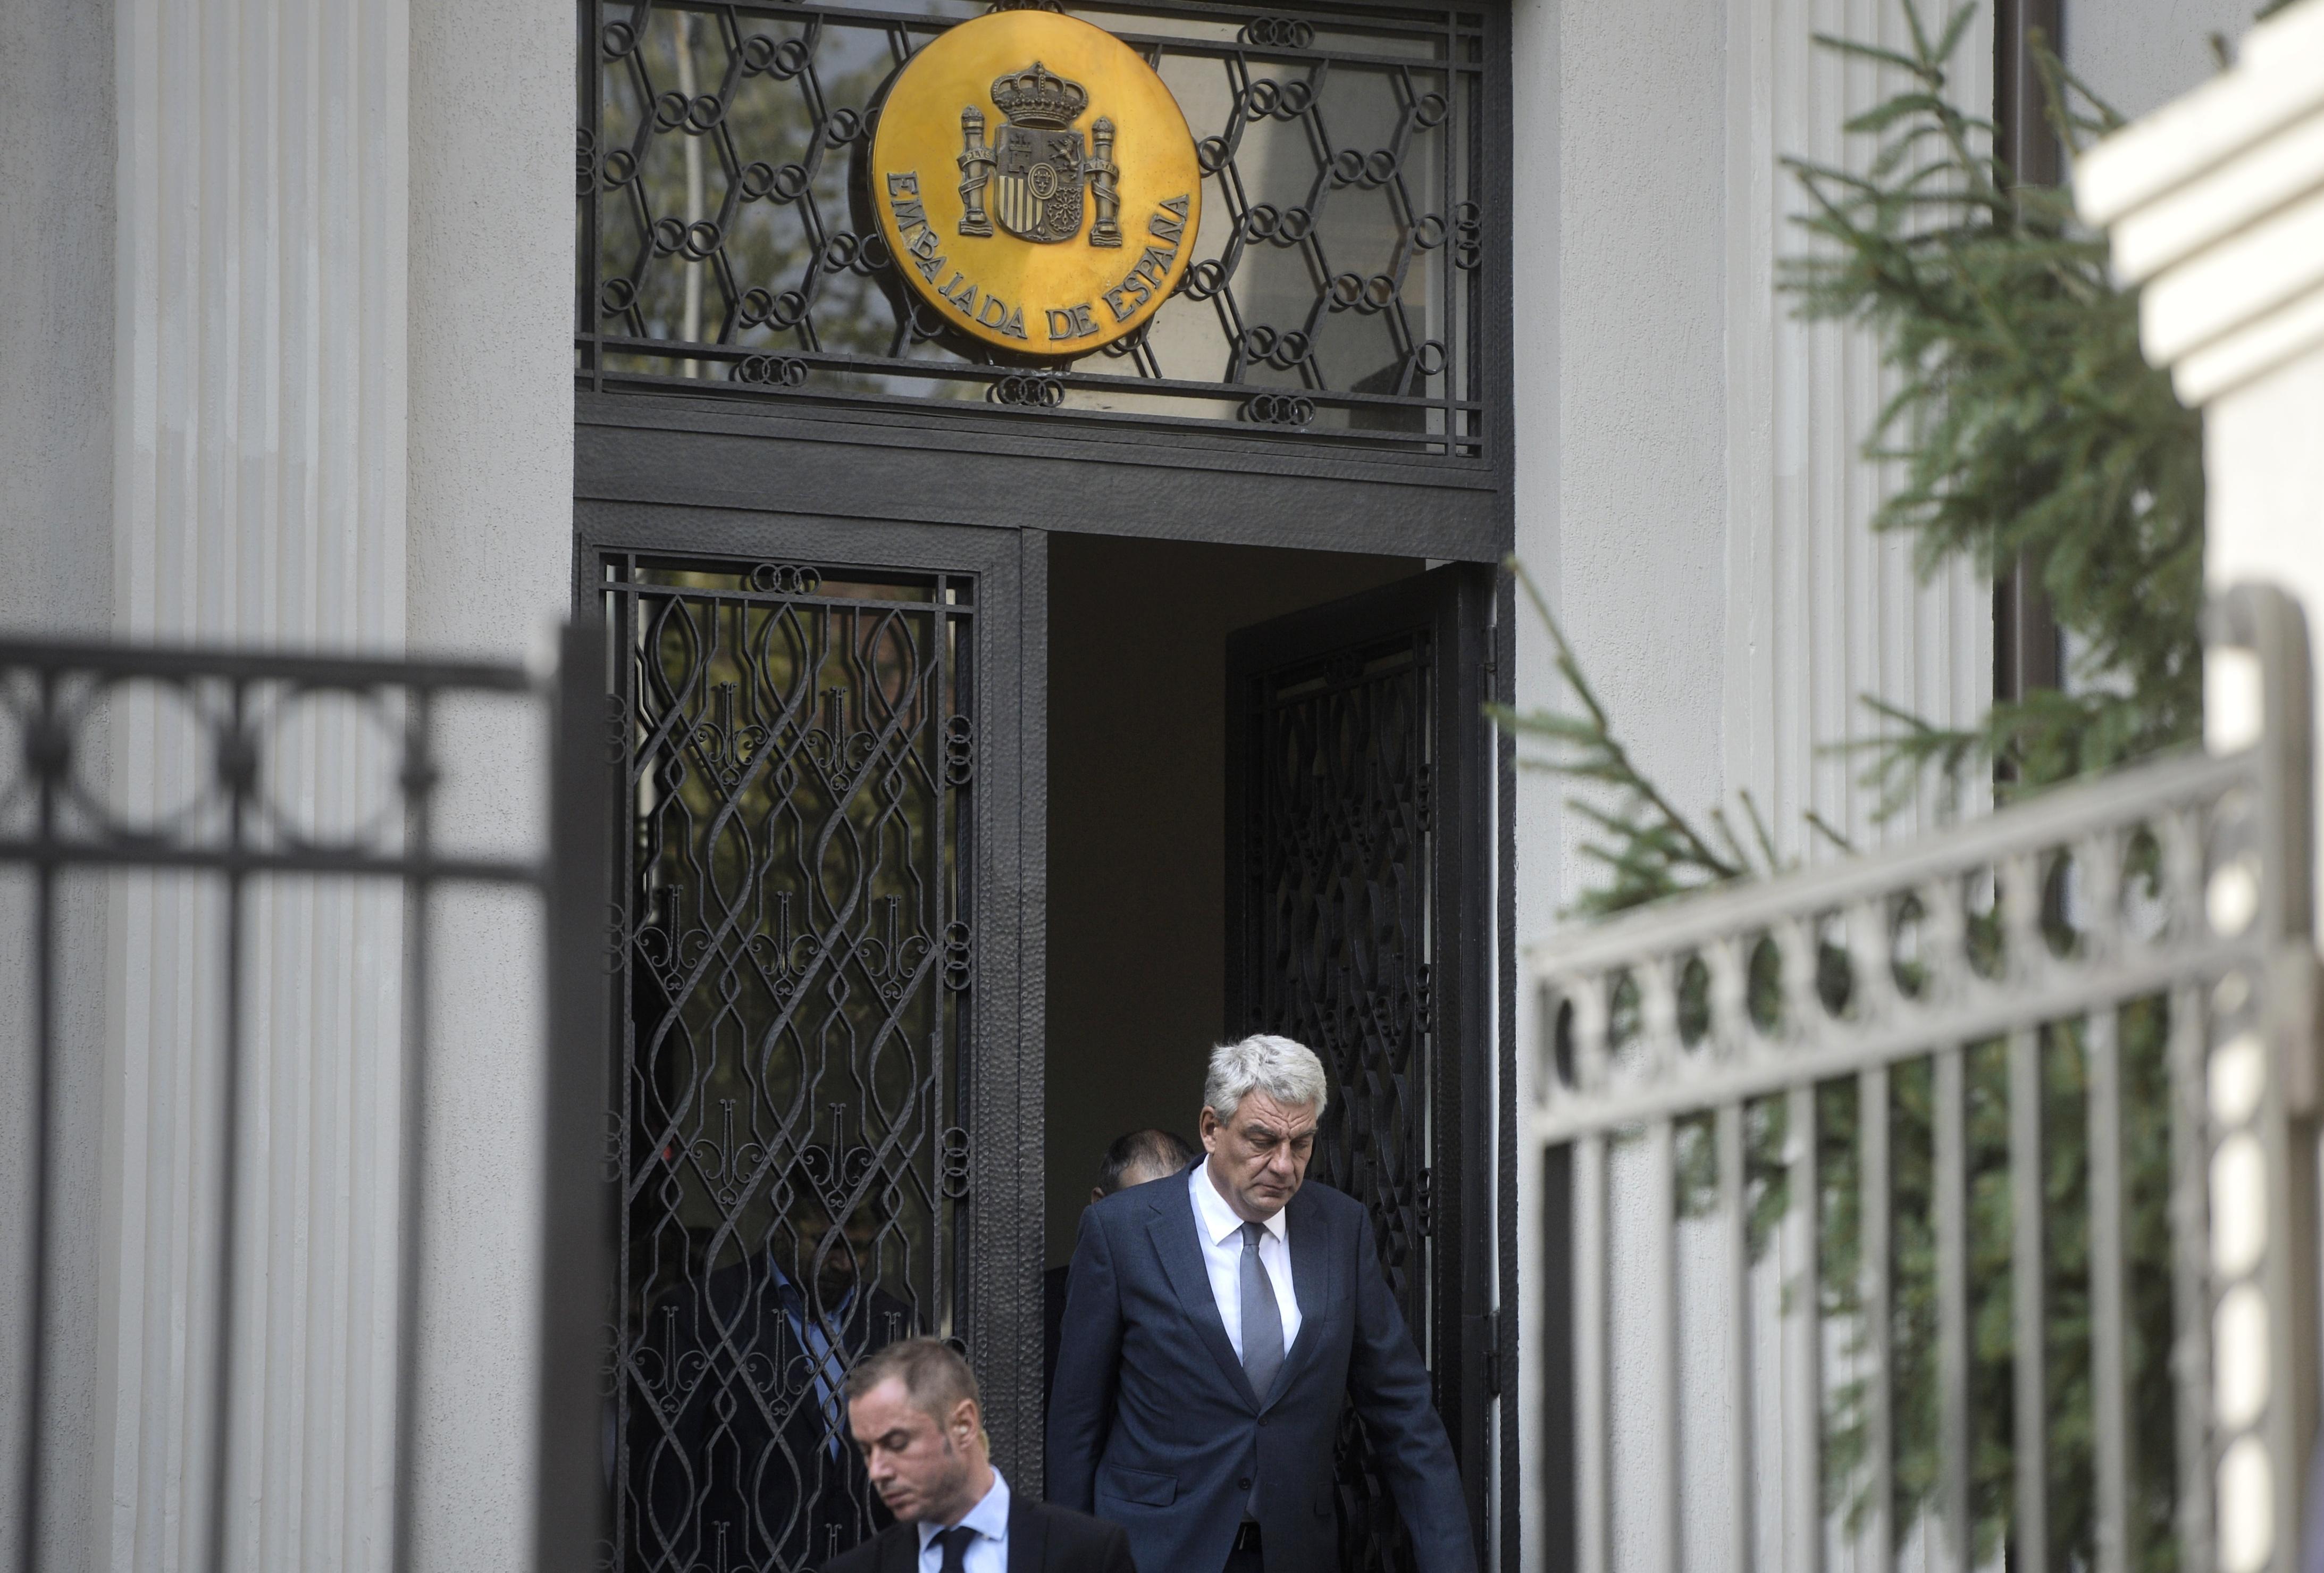 Atacul de pe La Rambla. Lideri politici şi şefi de instituţii au semnat în cartea de condoleanţe deschisă la Ambasada Spaniei. Tudose: Dacă familia românului rănit doreşte să fie tratat în România, `este în regulă`